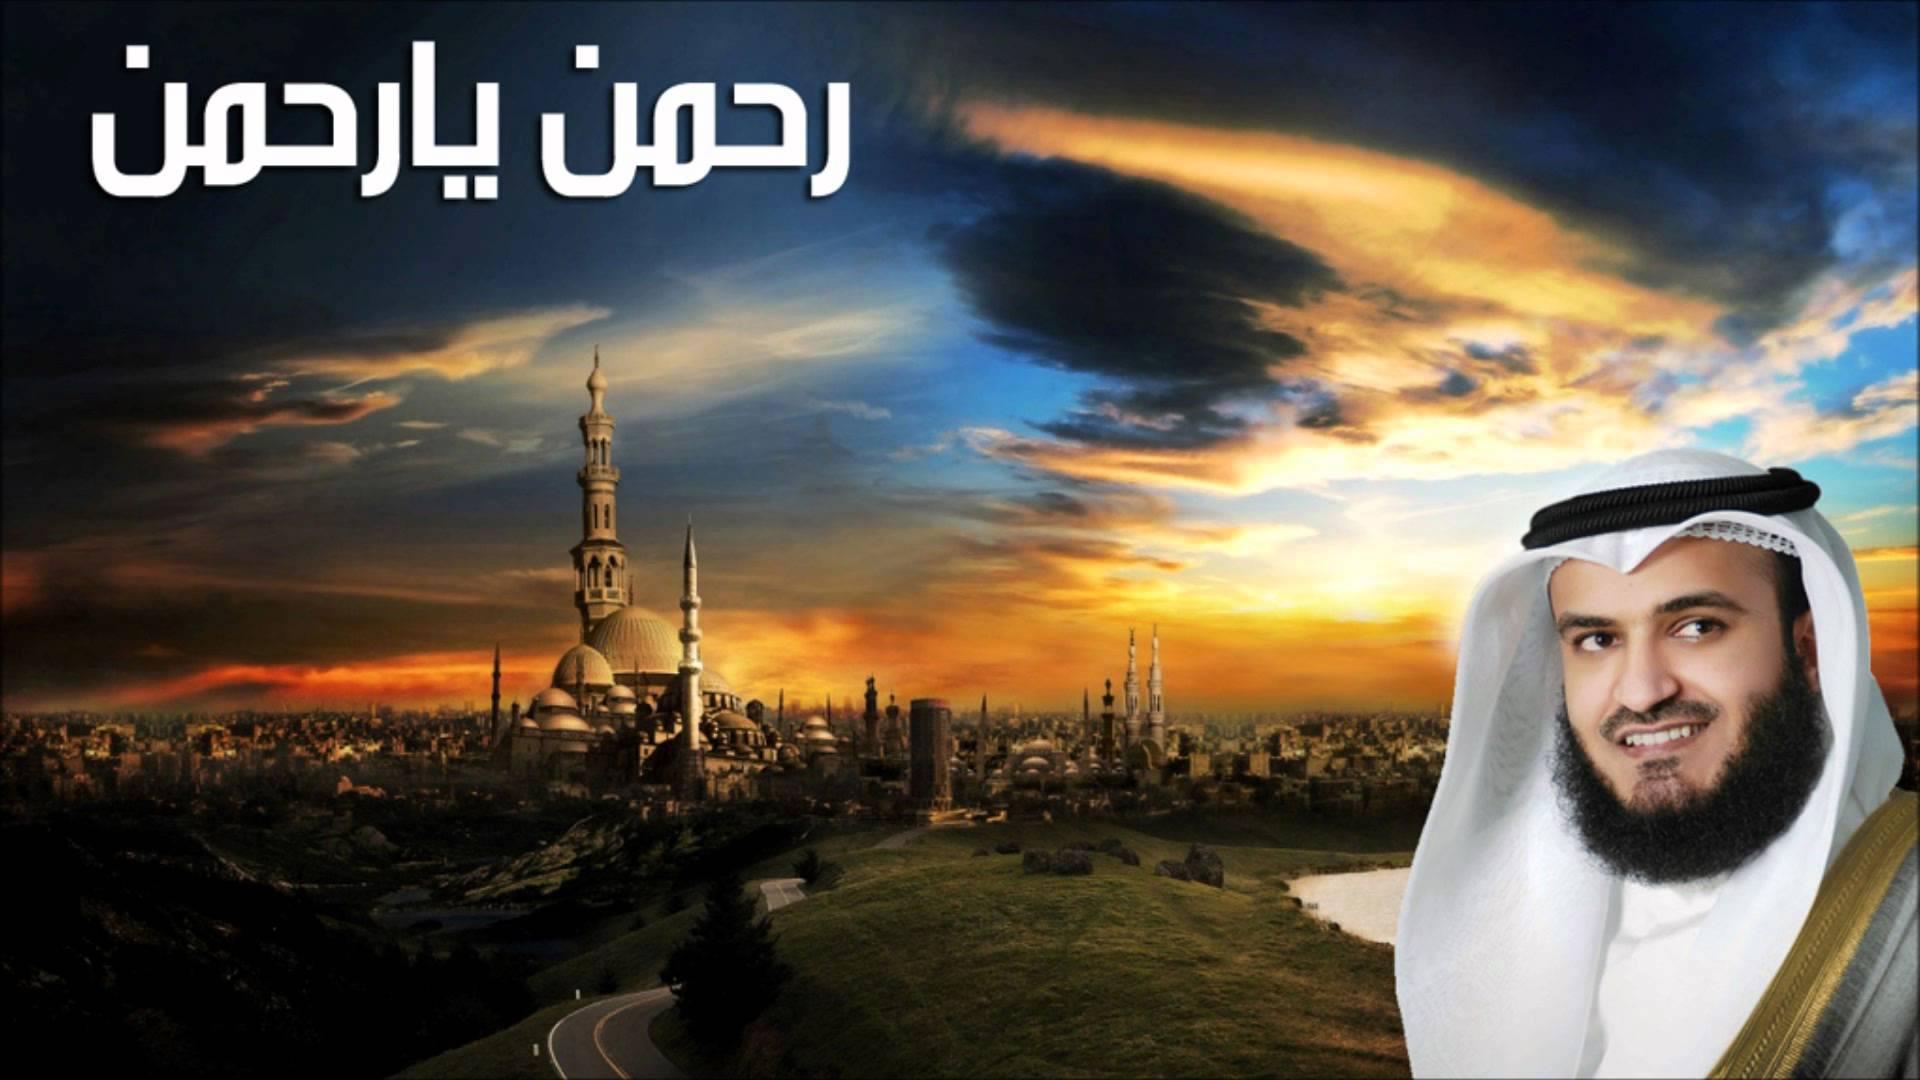 صوره نغمة رحمن يارحمن للعفاسي mp3